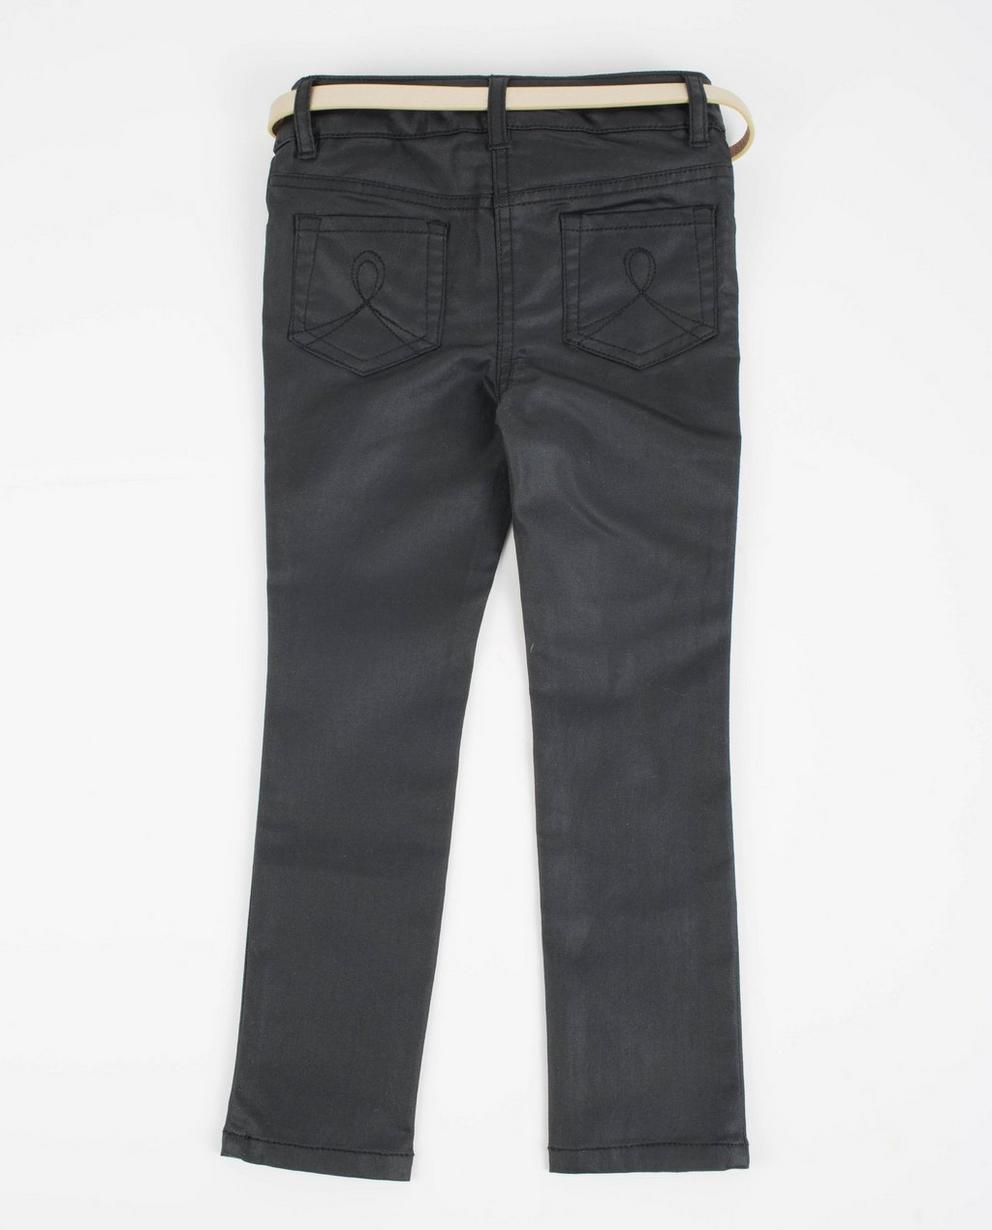 Hosen - Schwarz - Zwarte gecoate jeans met riempje